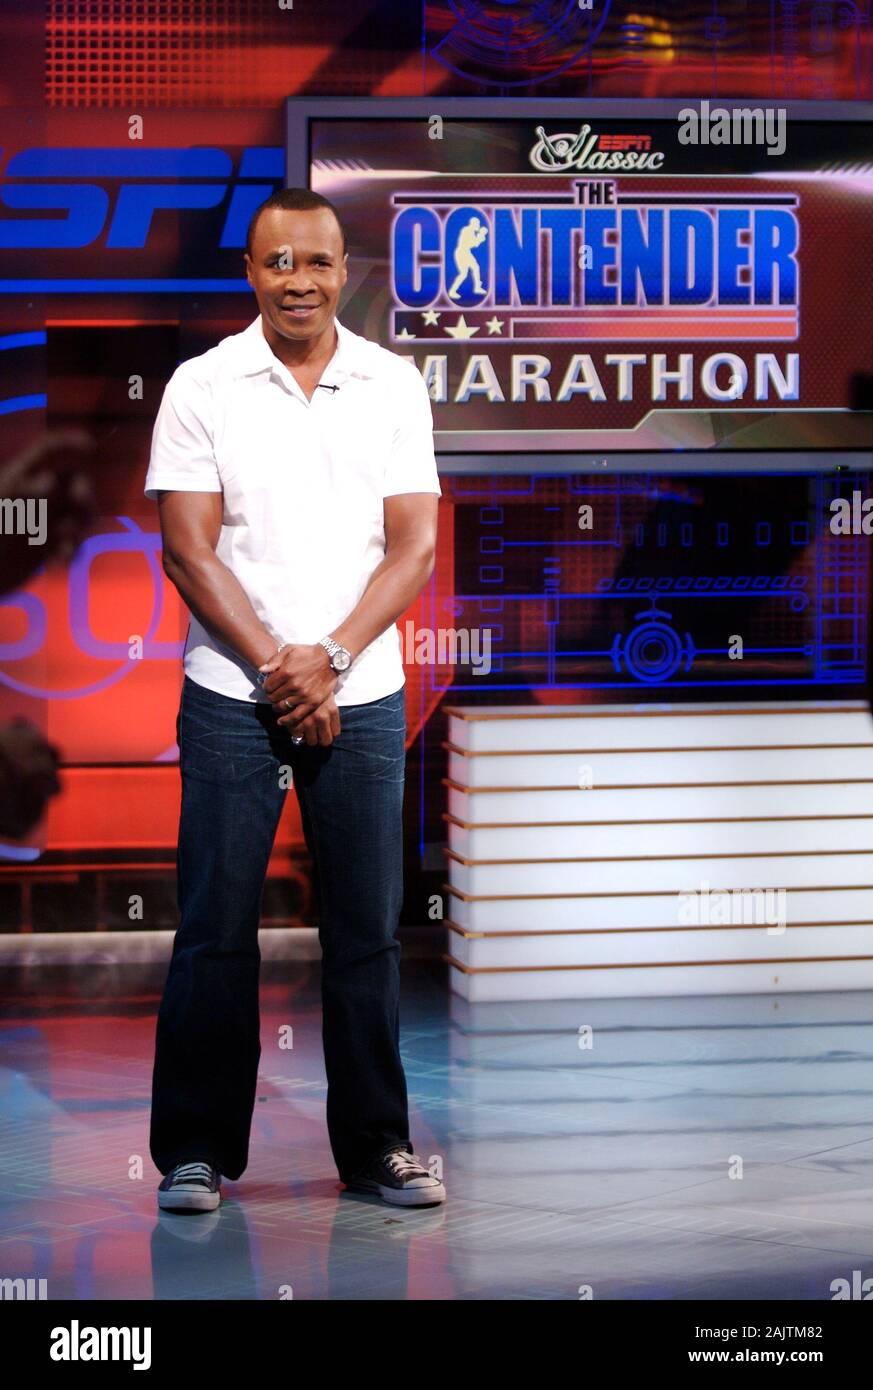 El boxeador profesional y motivador Sugar Ray Leonard es demostrado que aloja el contendiente en un plató de ESPN en Bristol, Connecticut. Foto de stock